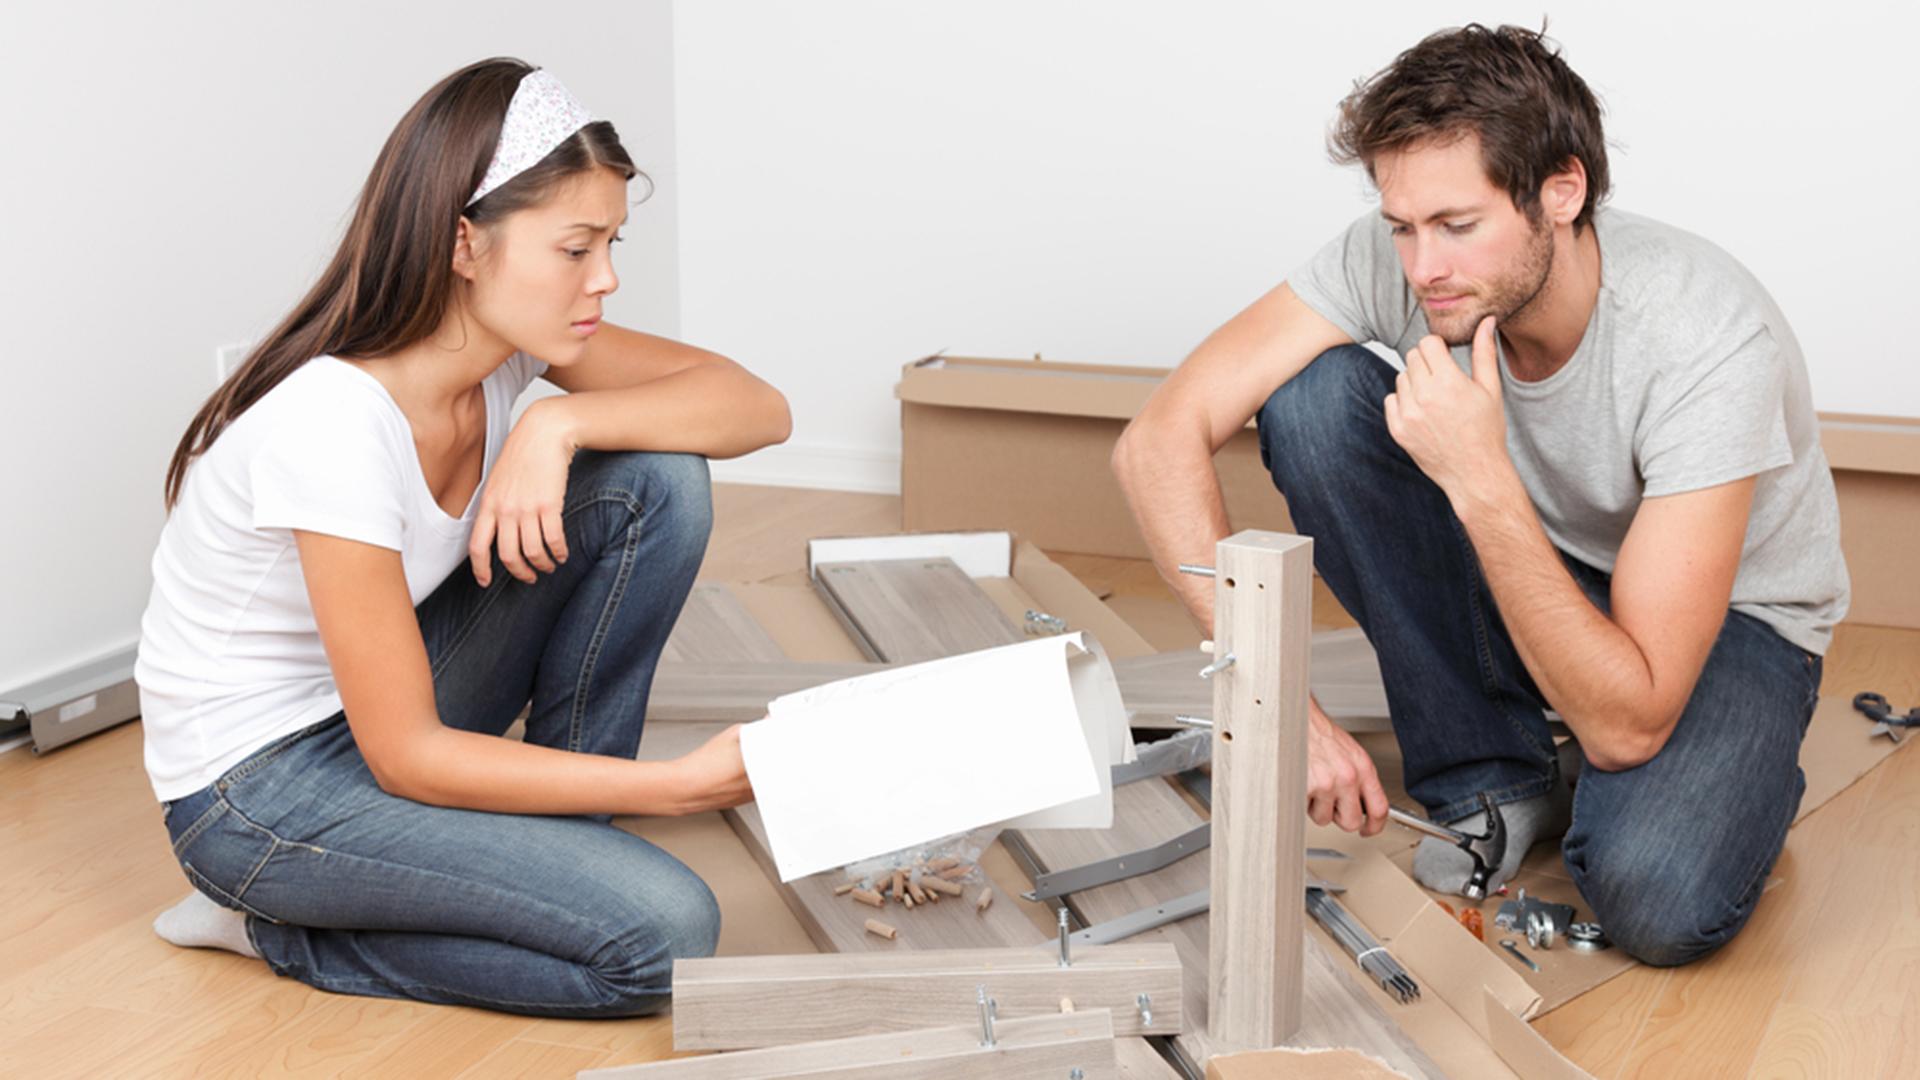 Смешные картинки сборщиков мебели, картинки сарказм открытка